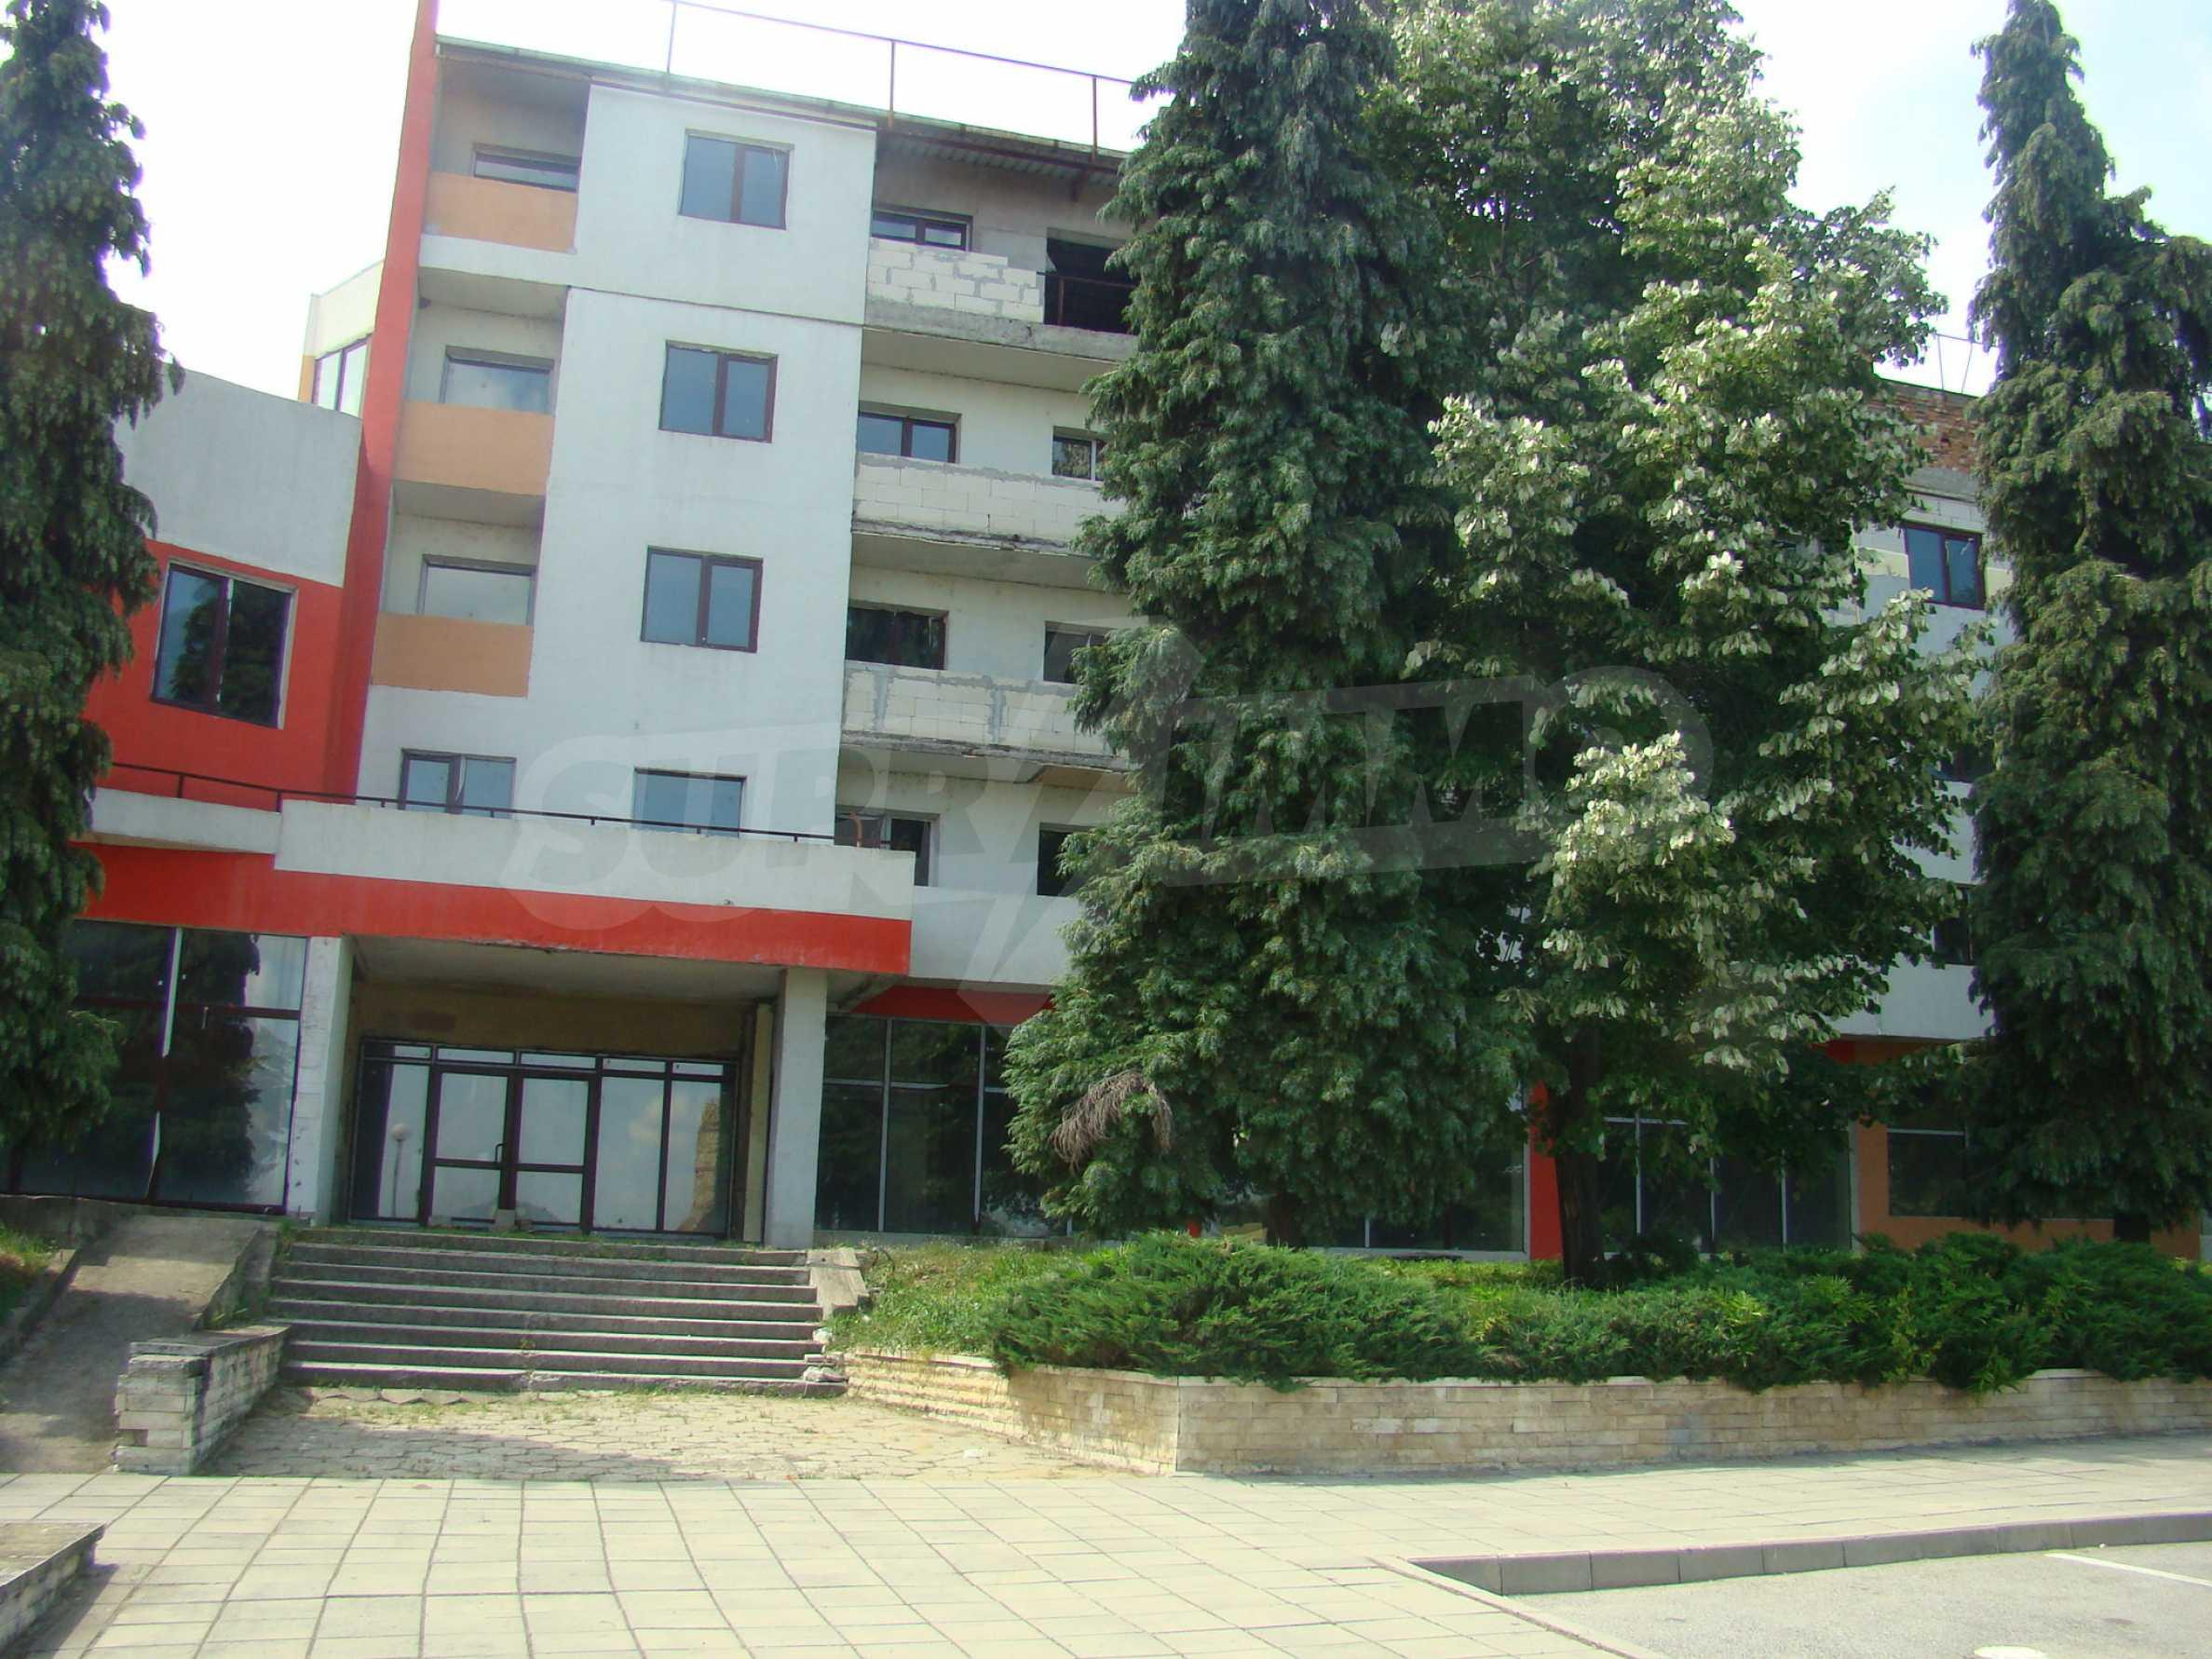 Сграда за инвестиция в центъра на град Кула 11